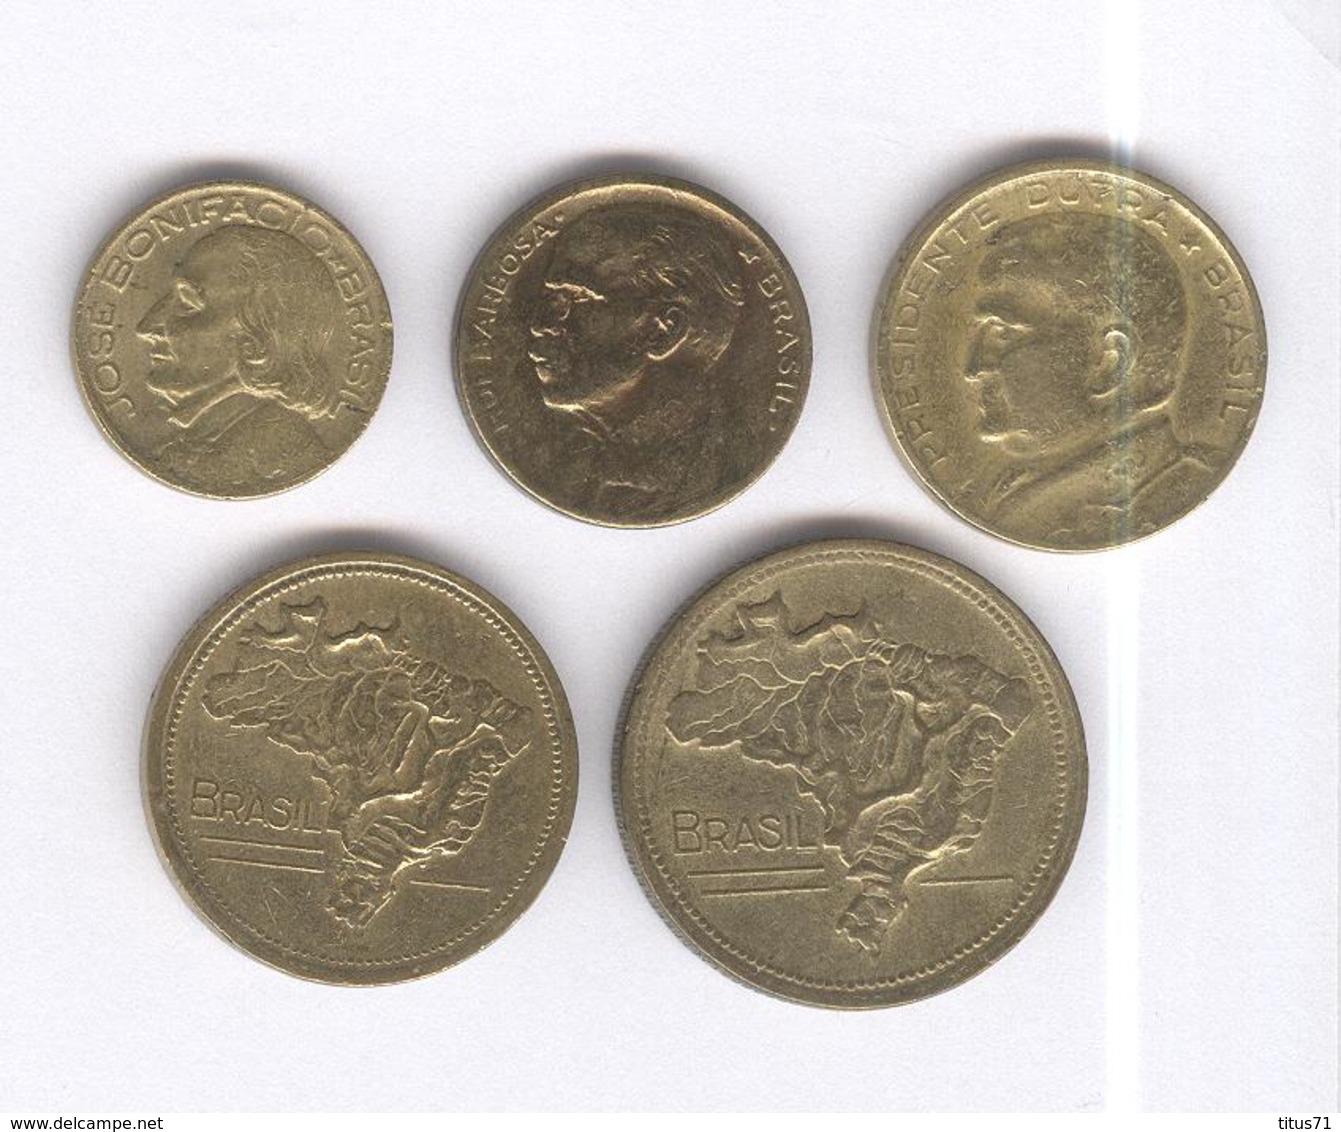 Lot 5 Monnaies Brésil / Brasil - Ancien Cruzeiro / Cruzeiro Antigo - 1943-1948 - TTB+ - Brésil